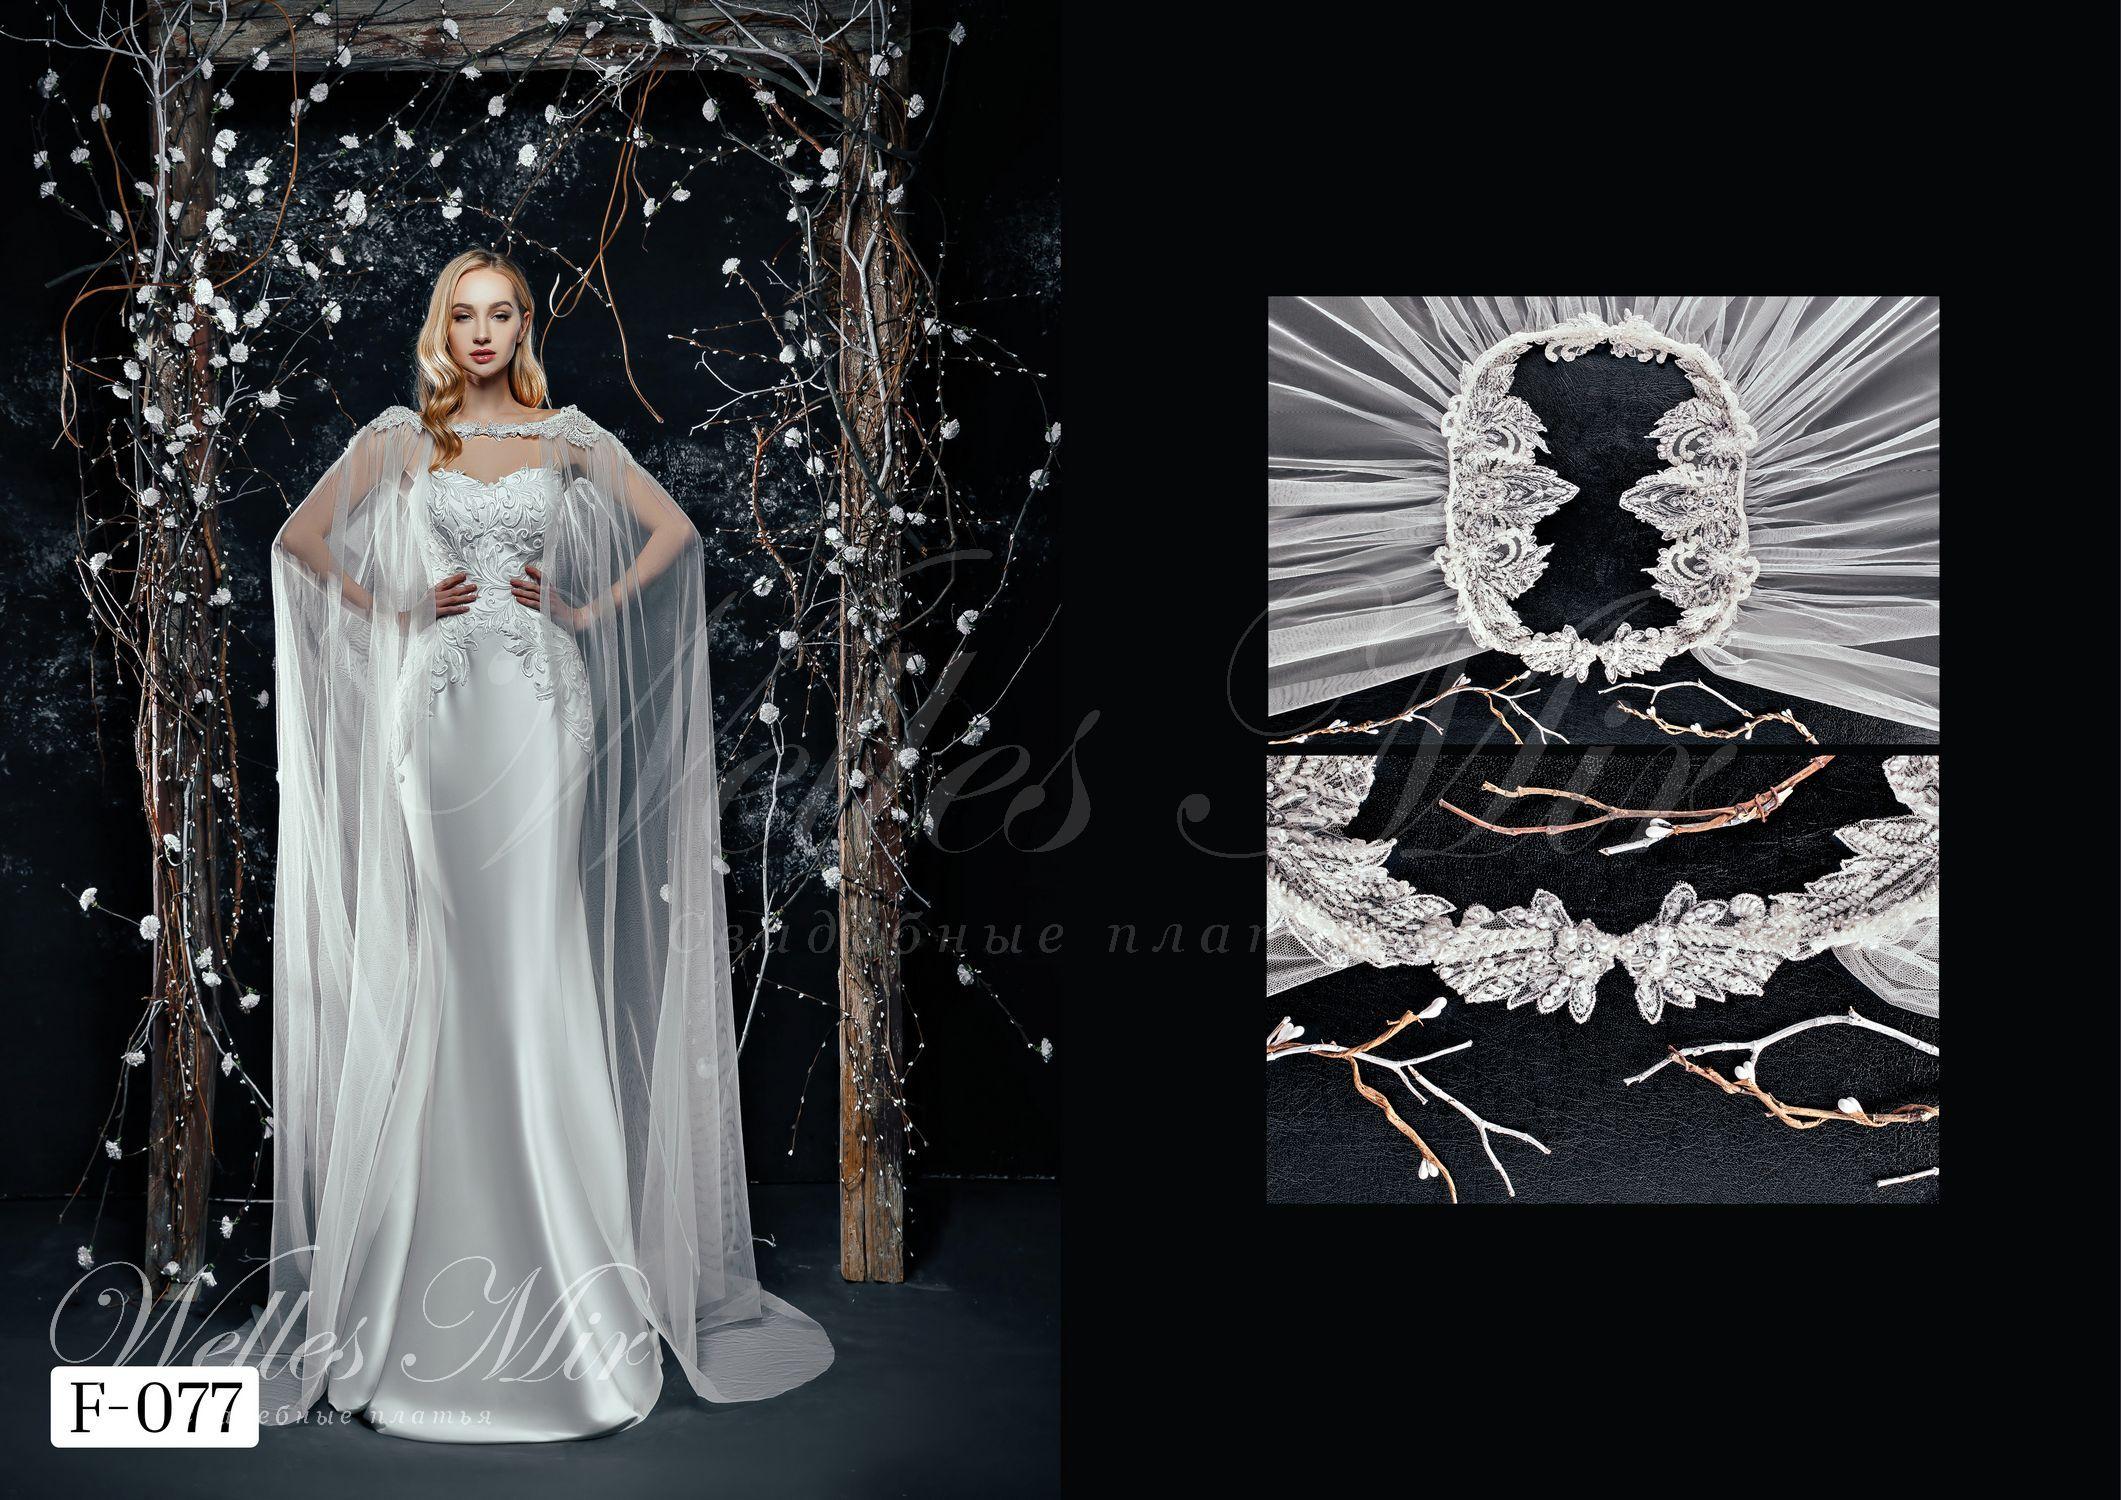 Фаты Shine Veils 2019 - F-077